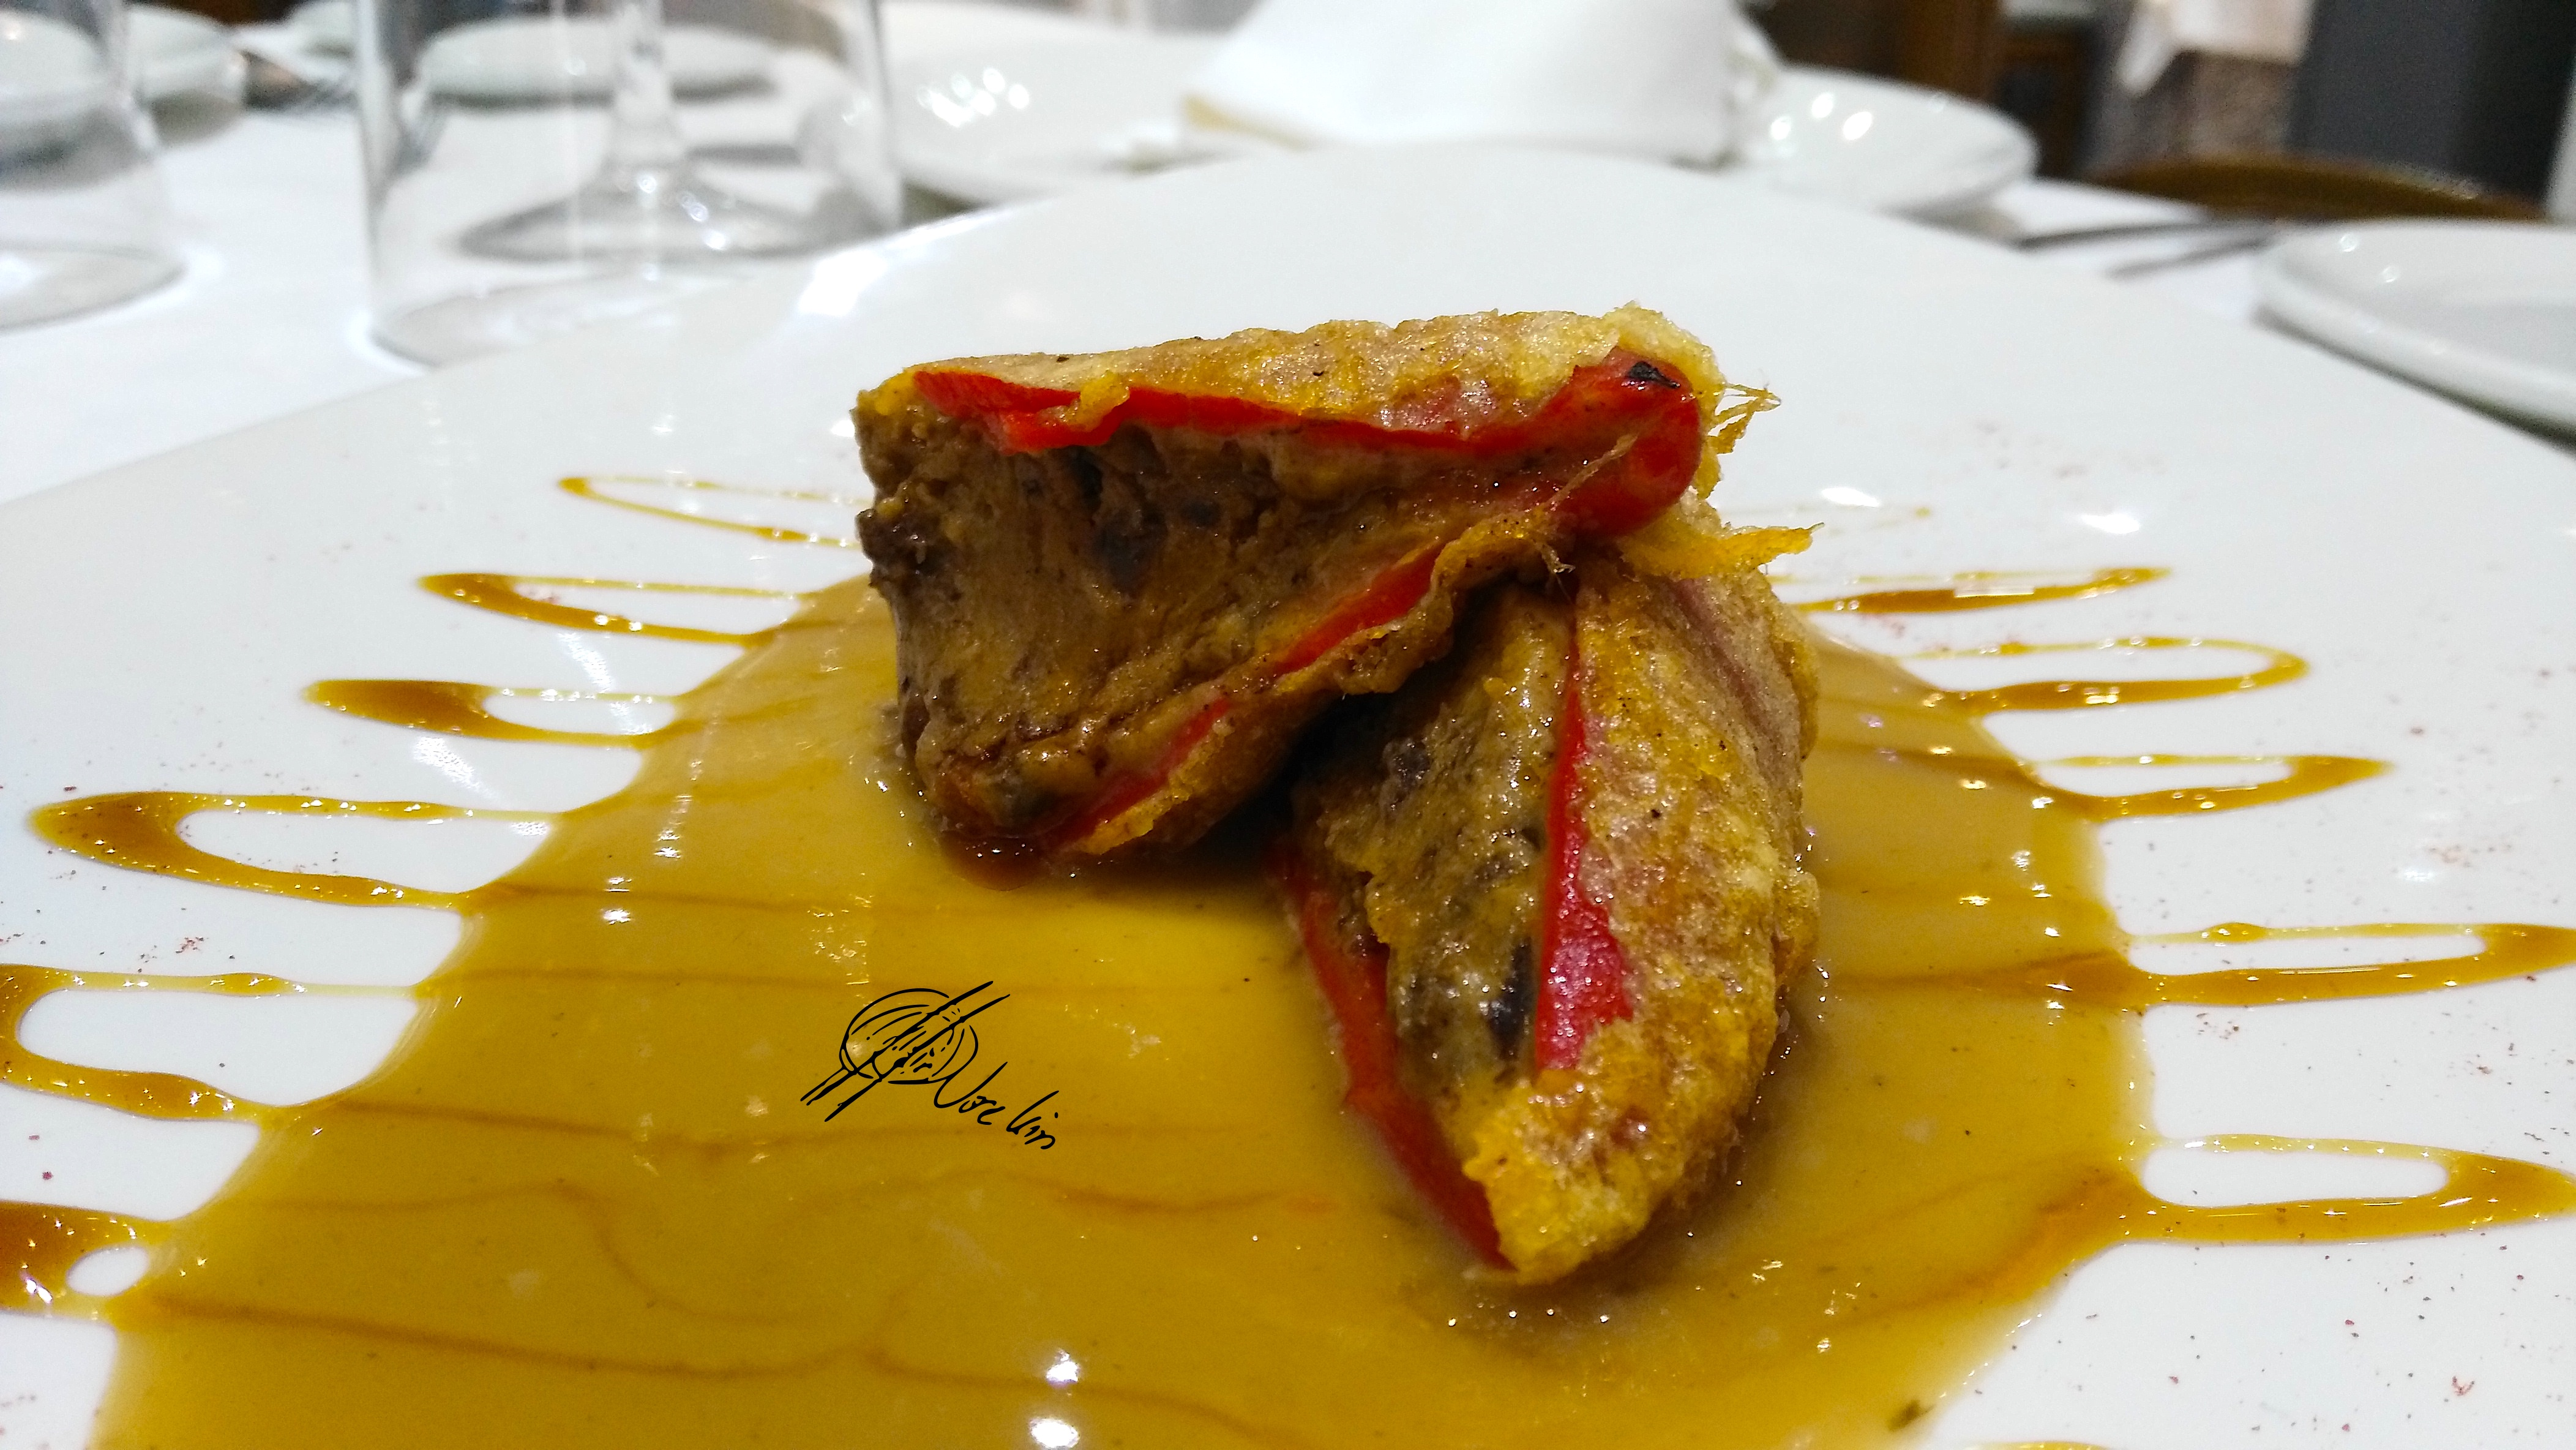 Pimientos de piquillo rellenos de morcilla al mosto sobre puré de pimiento amarillo